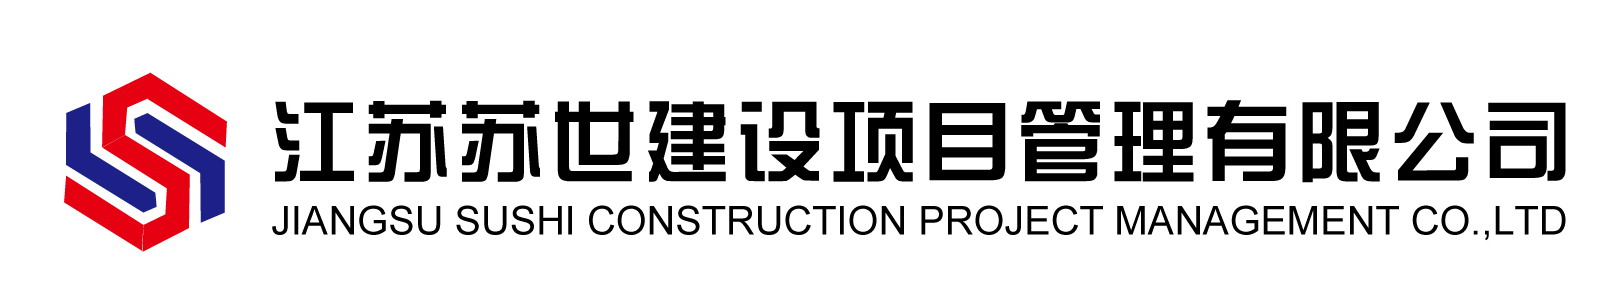 江苏苏世建设项目管理有限公司